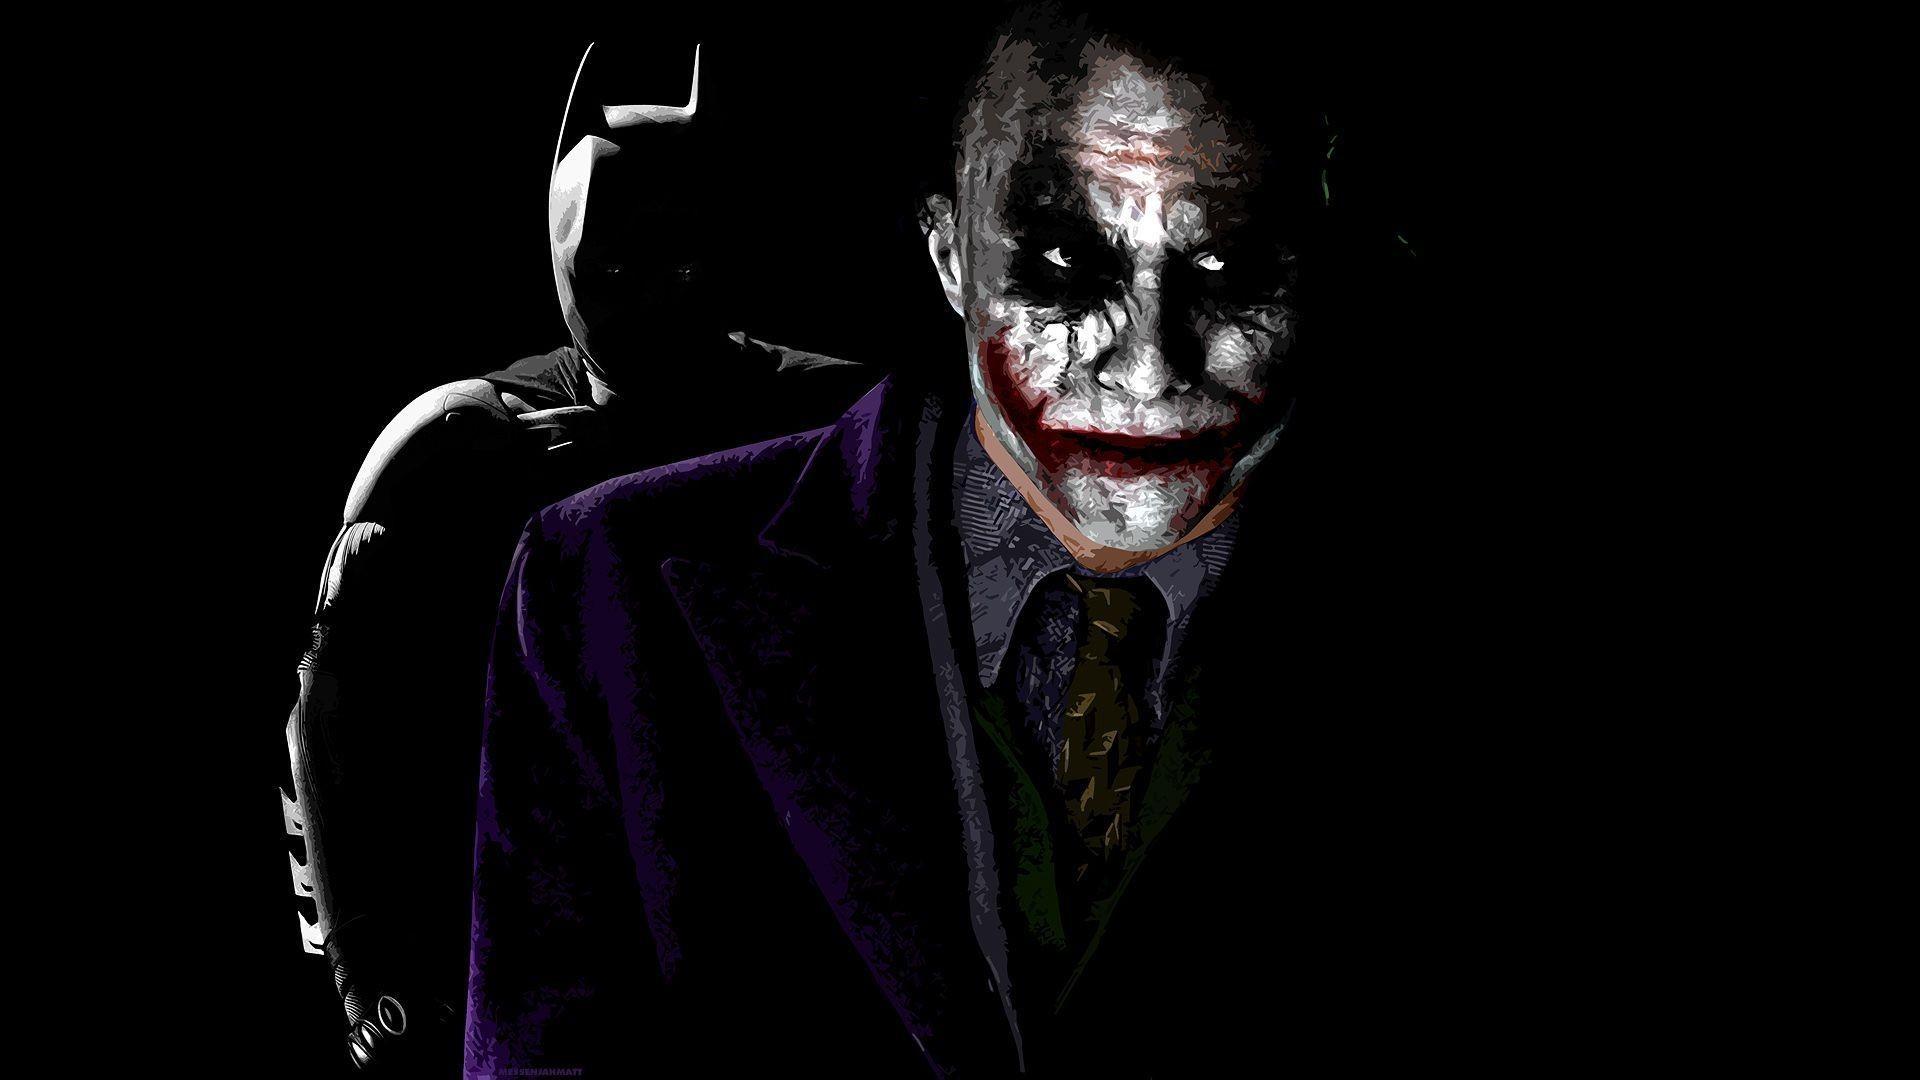 Animals For > Batman And Joker Wallpaper 1920×1080